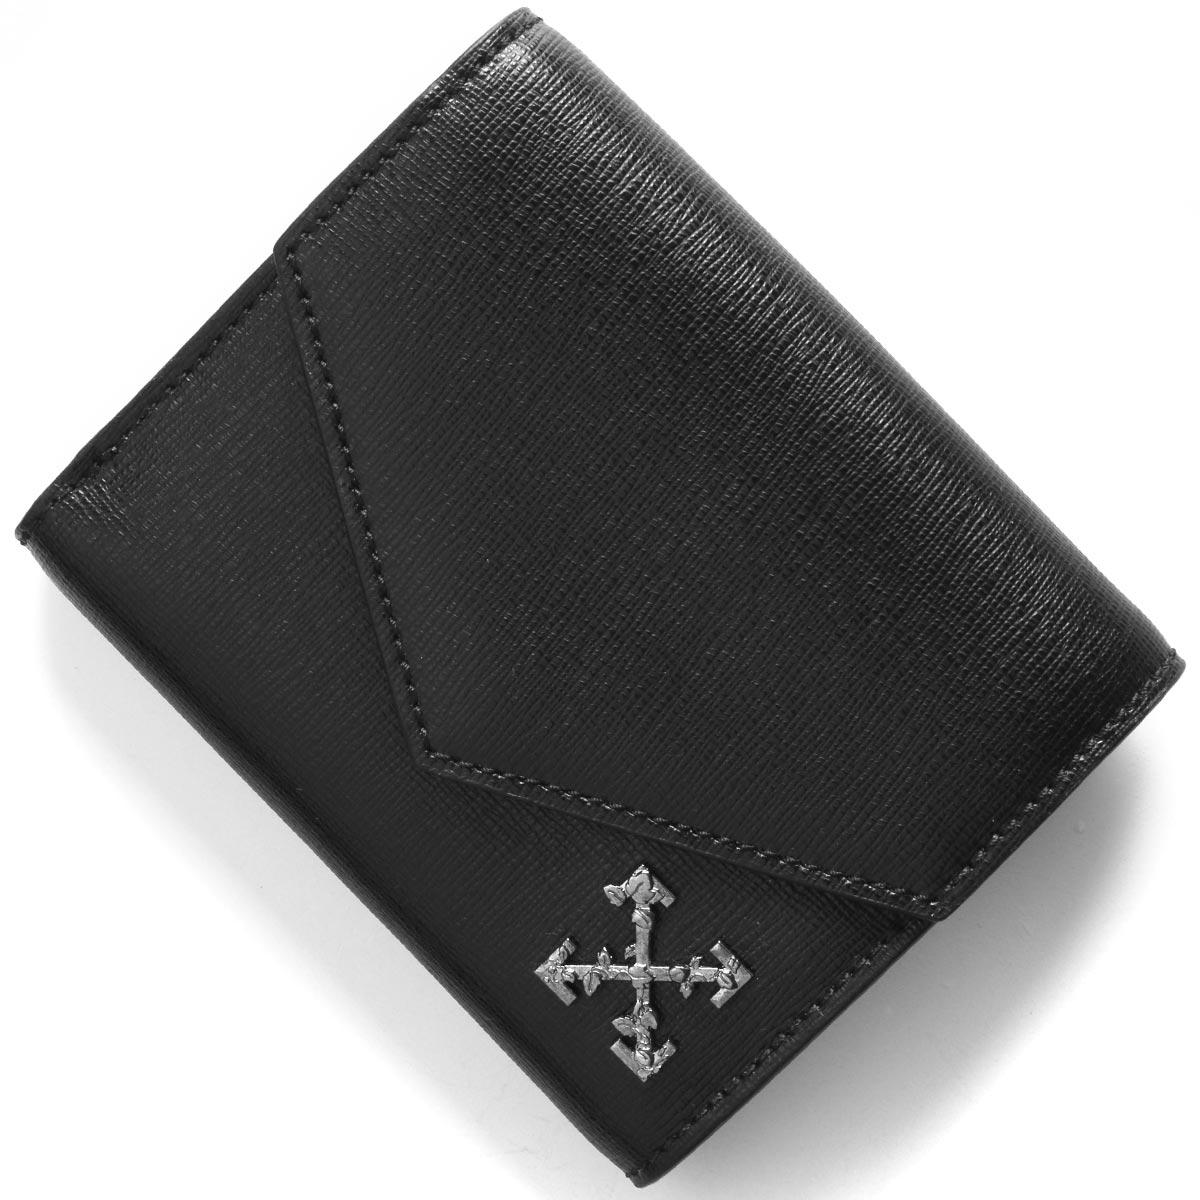 オフホワイト 三つ折り財布 財布 メンズ スカルプチャー スモール クロス ブラック OWNC010S194230691001 OFF-WHITE